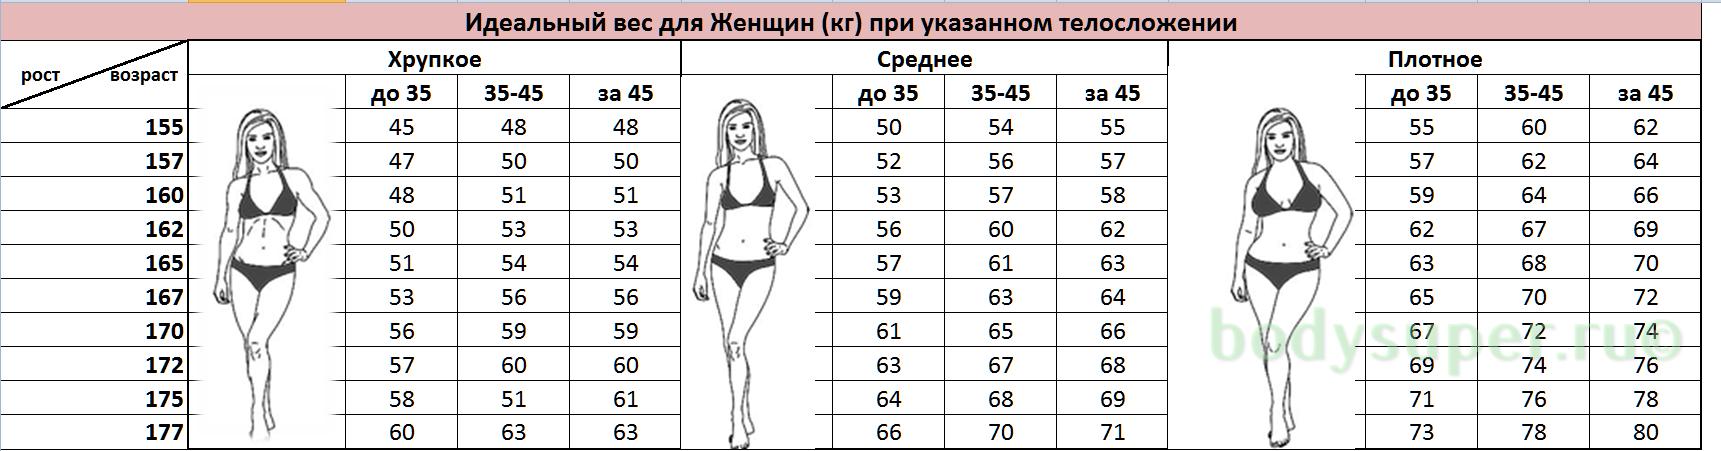 похудение вес и рост